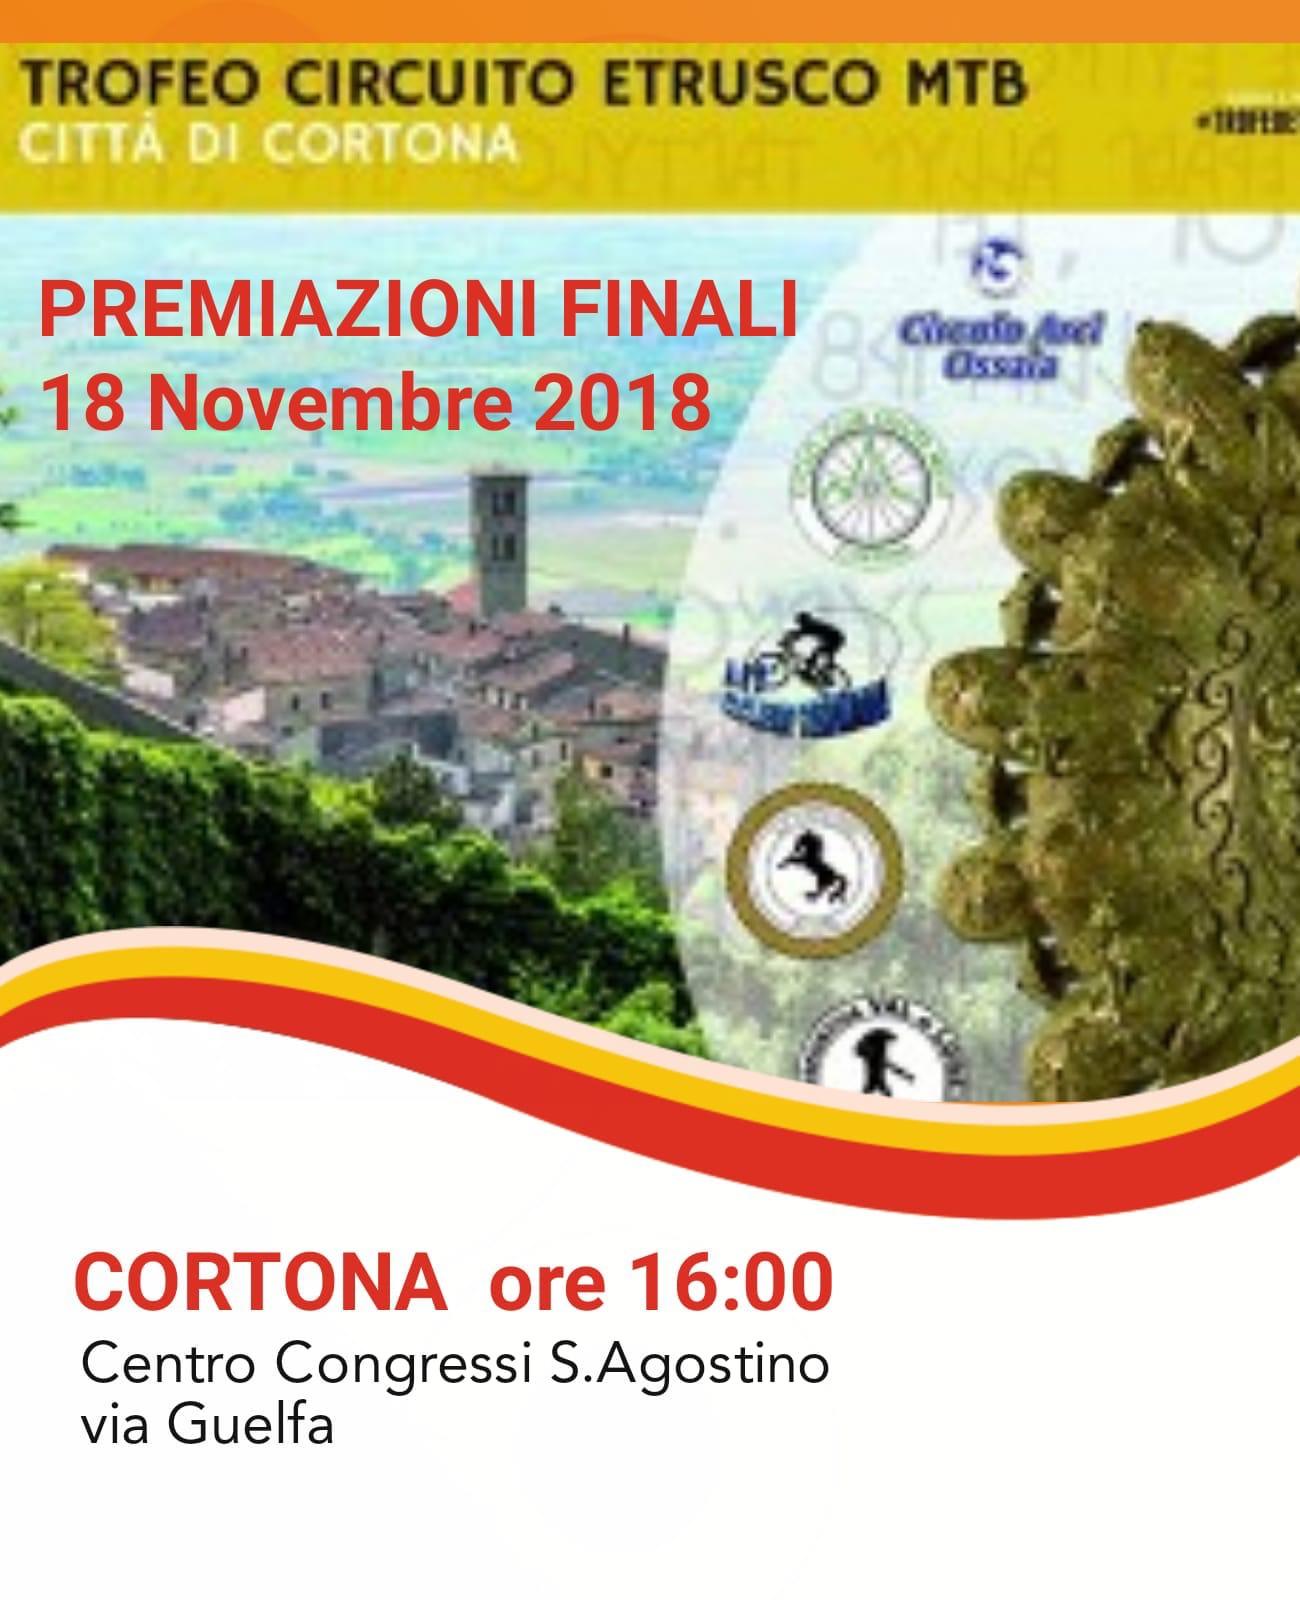 Trofeo Circuito Etrusco MTB: le premiazioni a Cortona